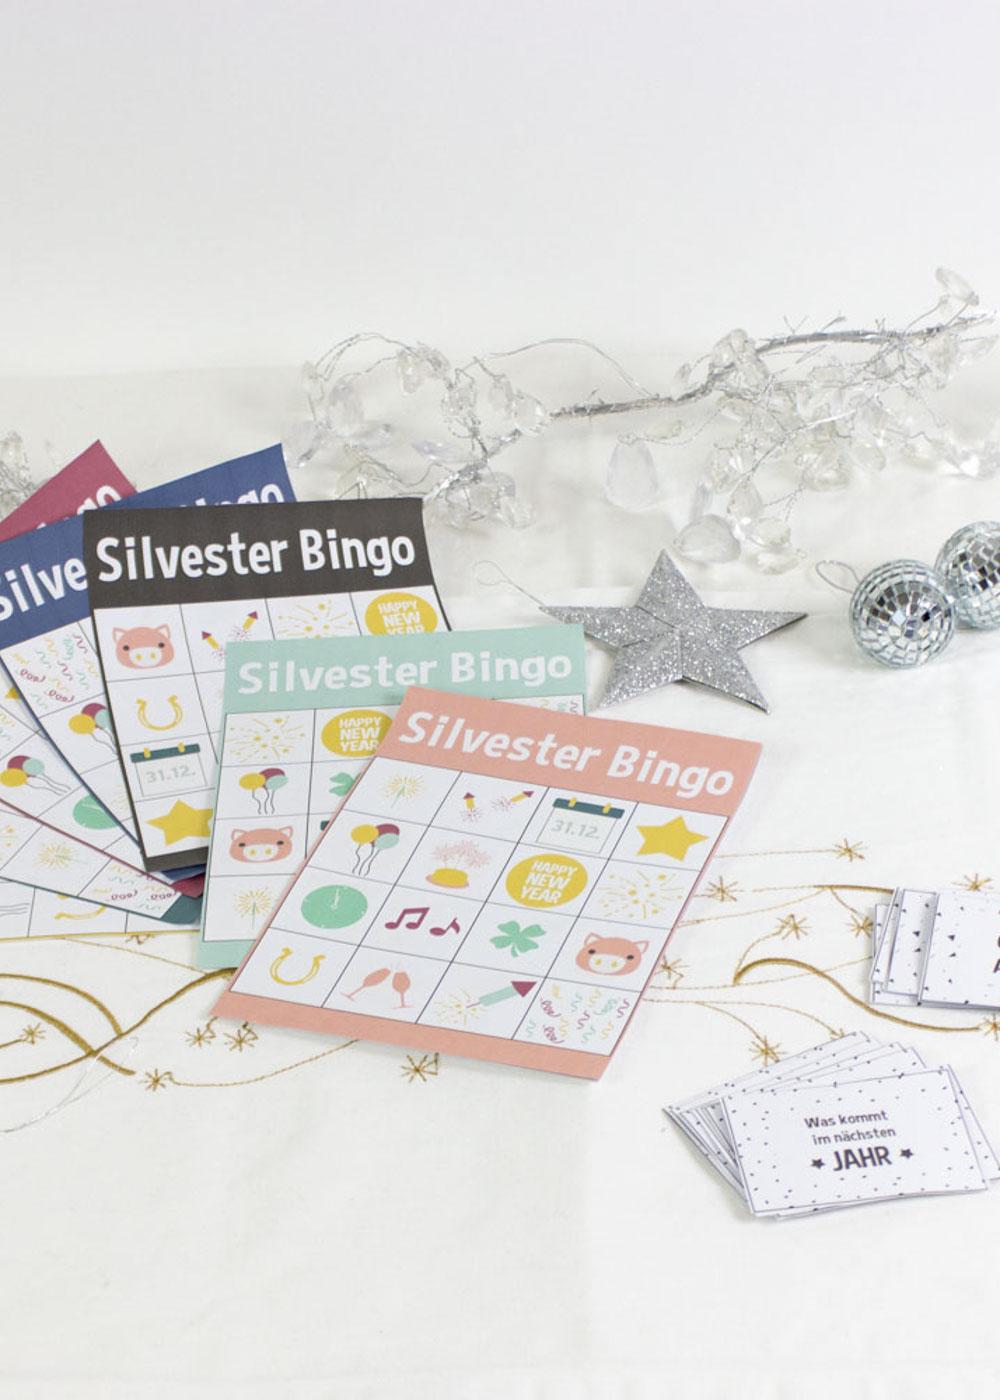 Bastelset Silvester mit Kindern - Bingo